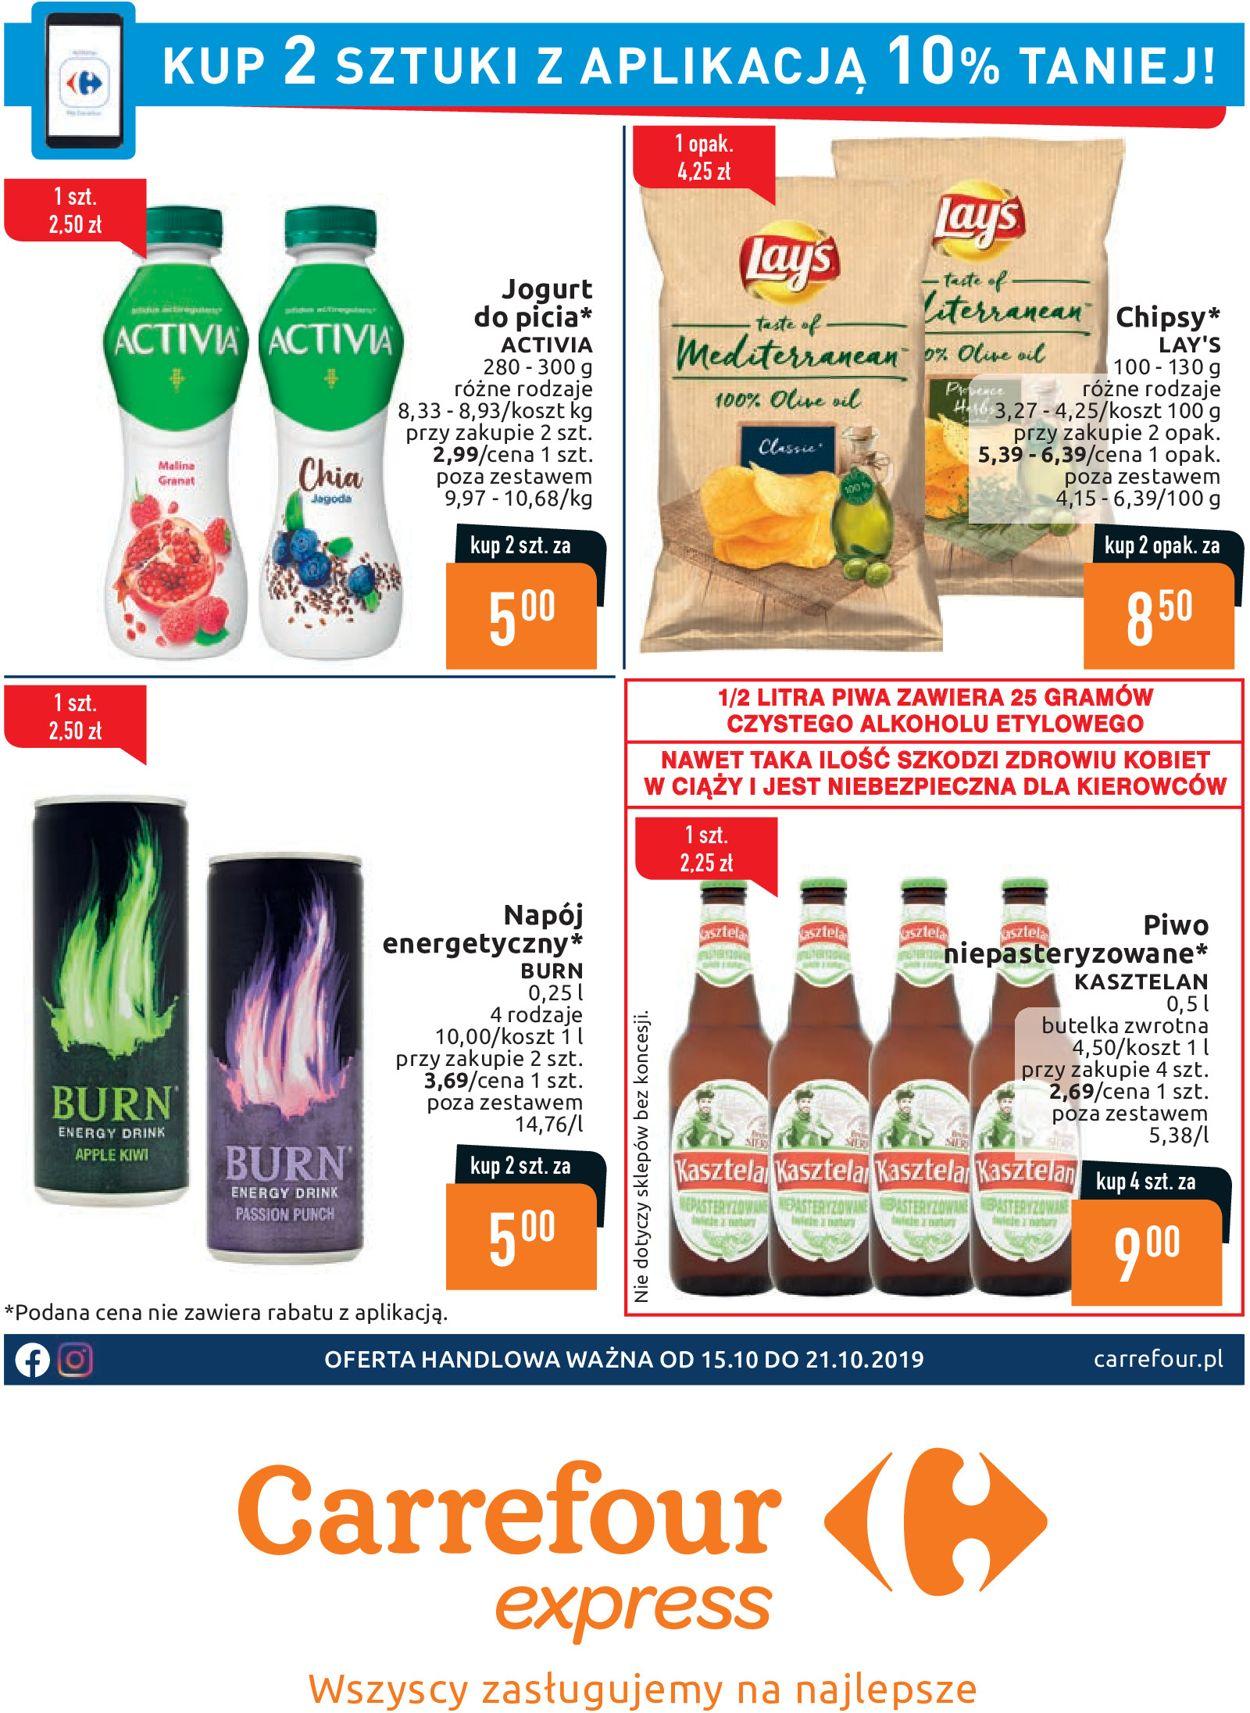 Gazetka promocyjna Carrefour - 15.10-21.10.2019